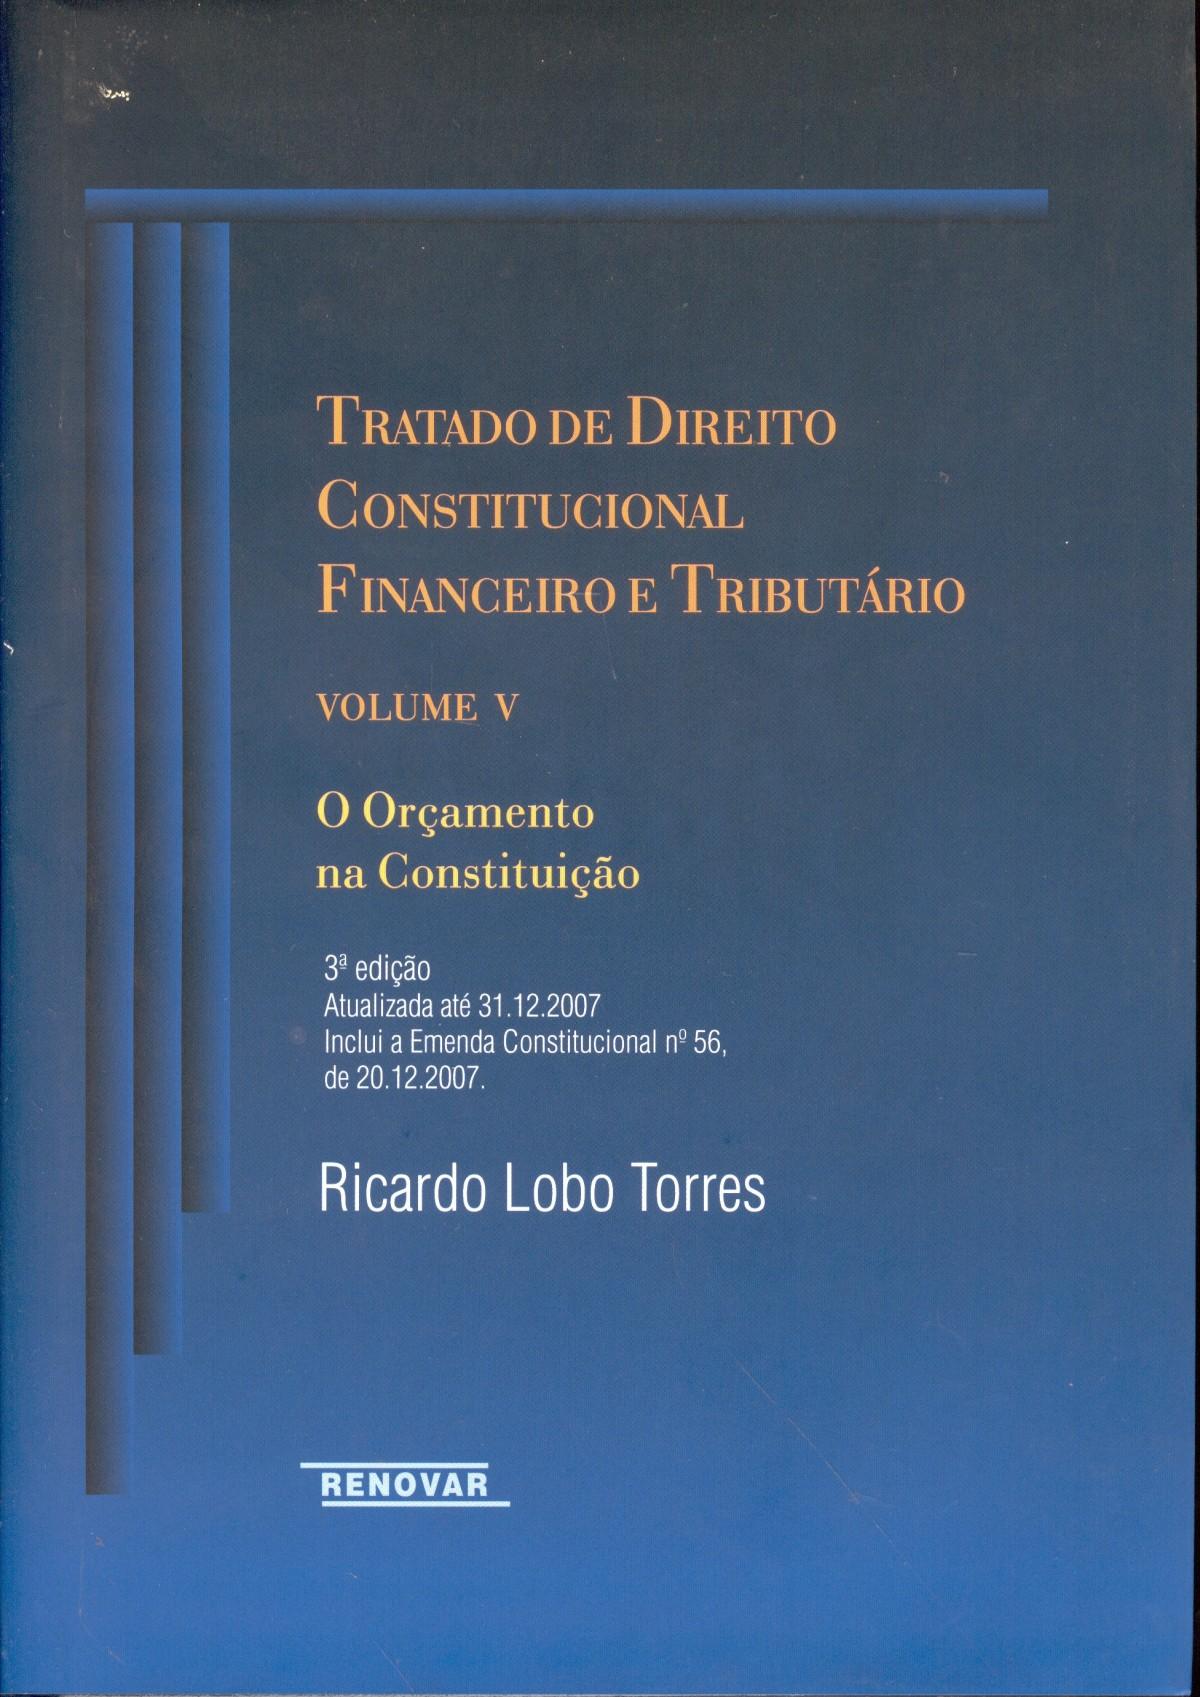 Foto 1 - Tratado de Direito Constitucional Financeiro e Tributario Vol V